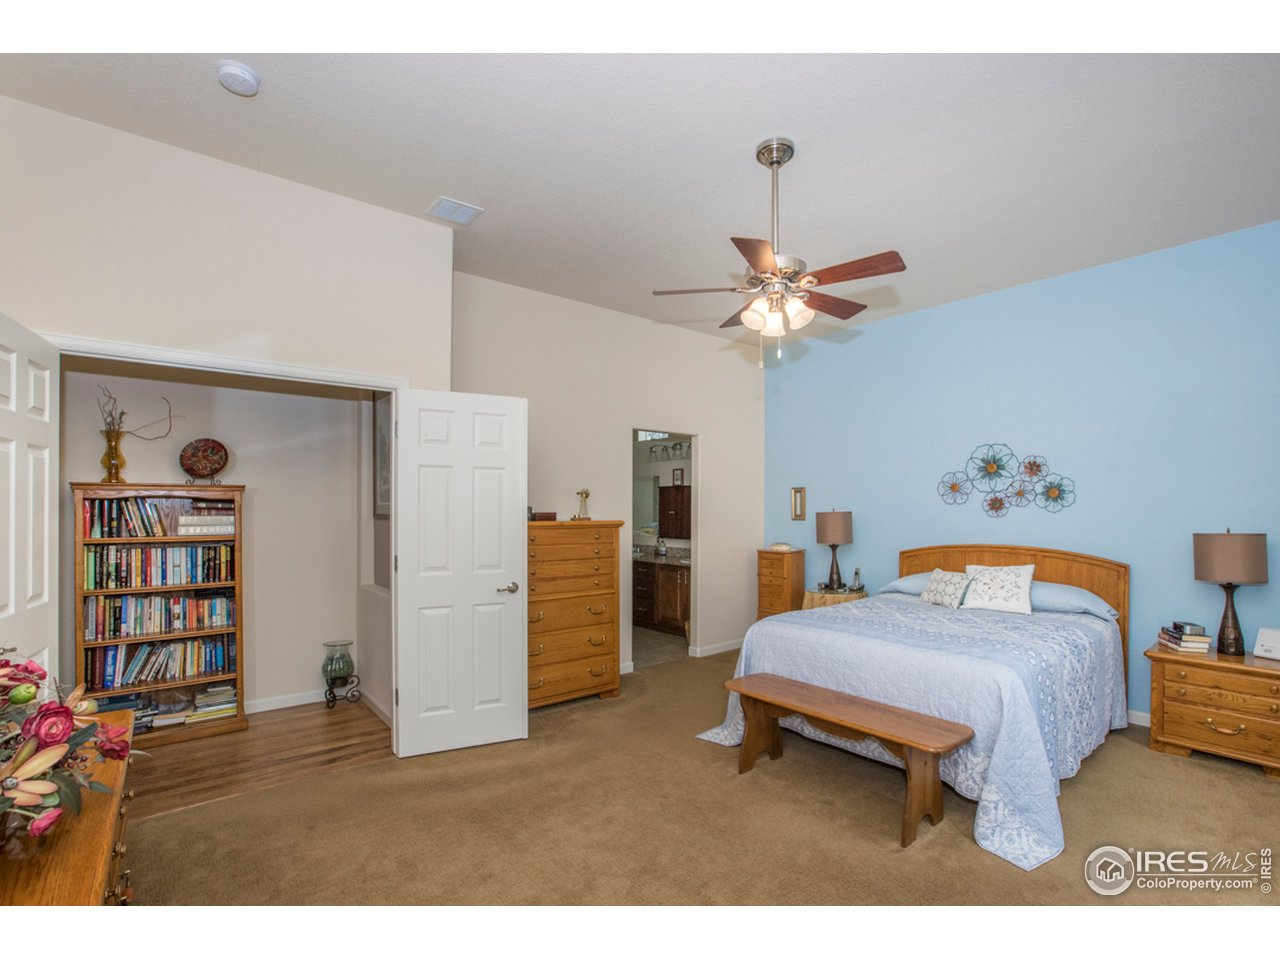 This suite has a perfect arrangement